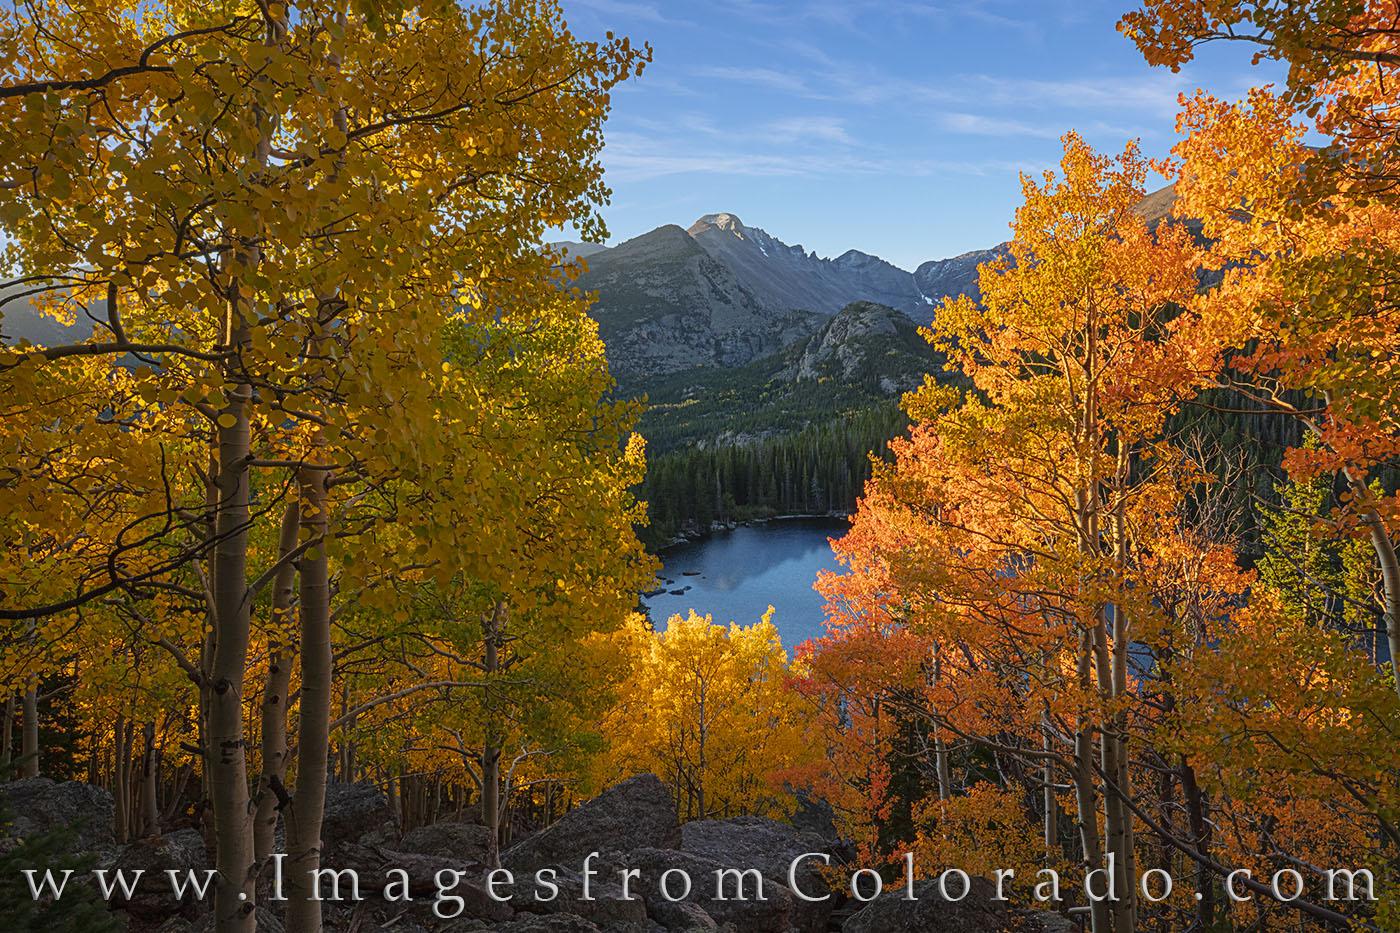 rocky mountain national park, rmnp, aspen, bear lake, autumn, colorado fall, colorado aspen, fall colors, autumn colors, colorado images, colrado autumn